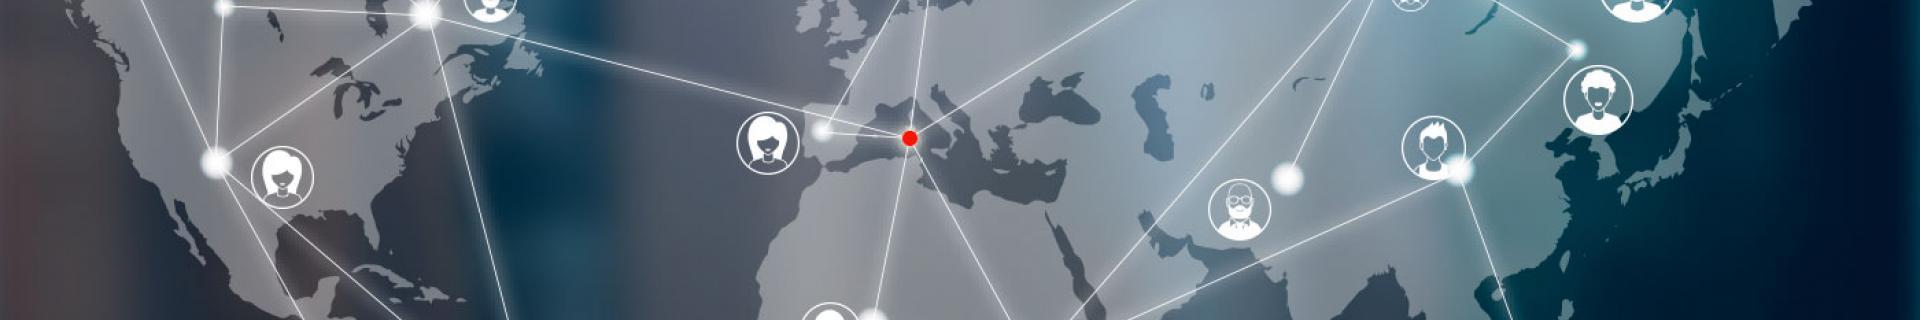 Immagine di testata raffigurante una mappa stilizzata